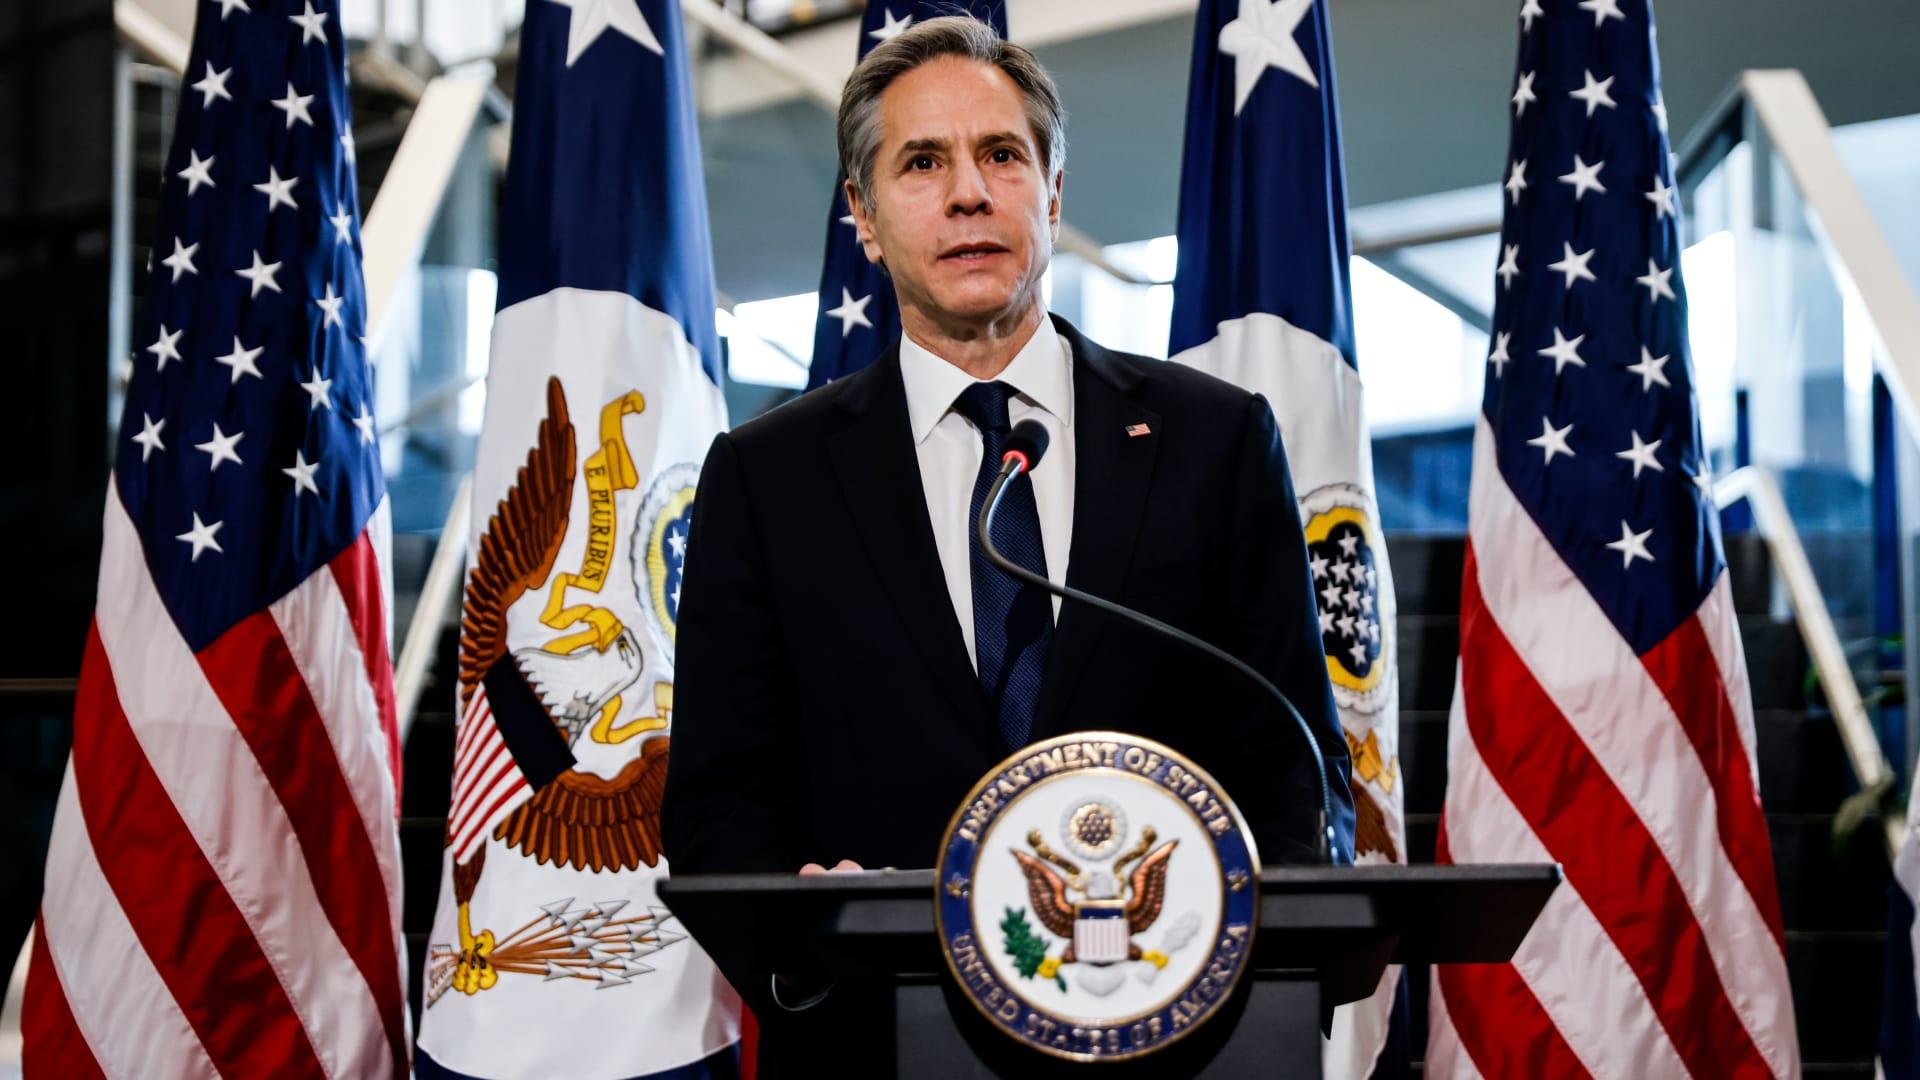 وزير الخارجية الأمريكي، انتوني بلينكن